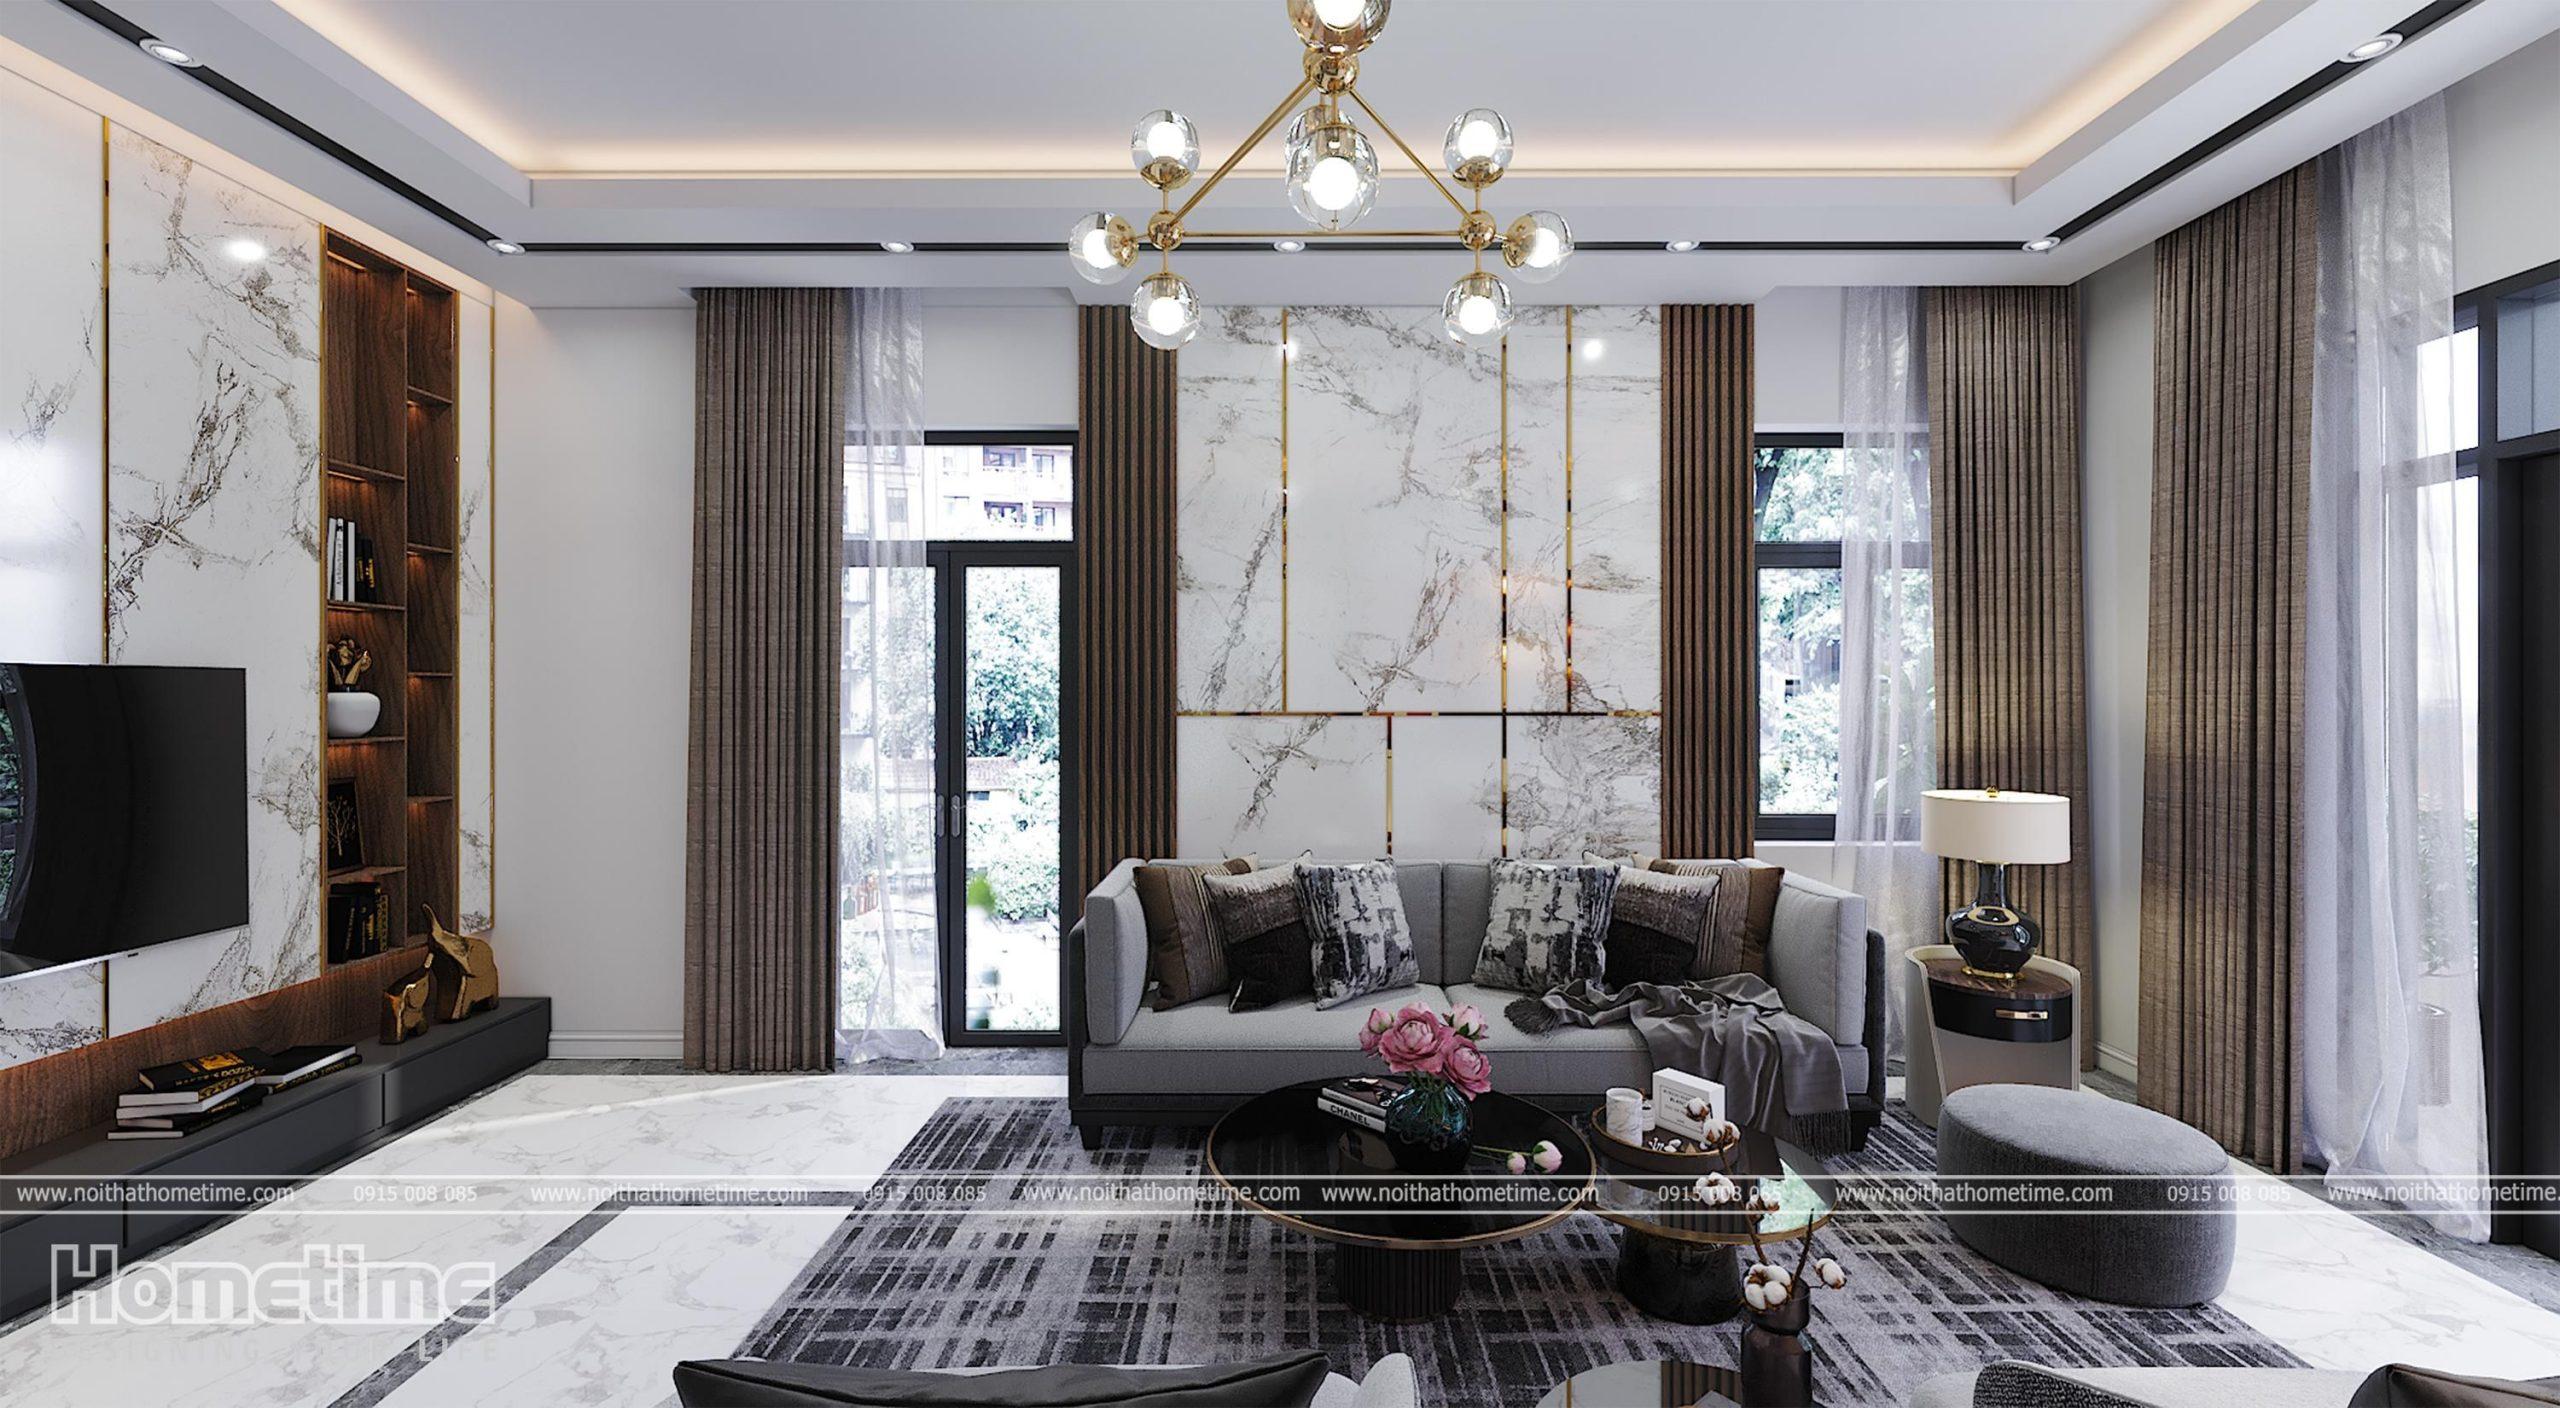 Bộ sofa và bàn trà kiểu dáng hiện đại